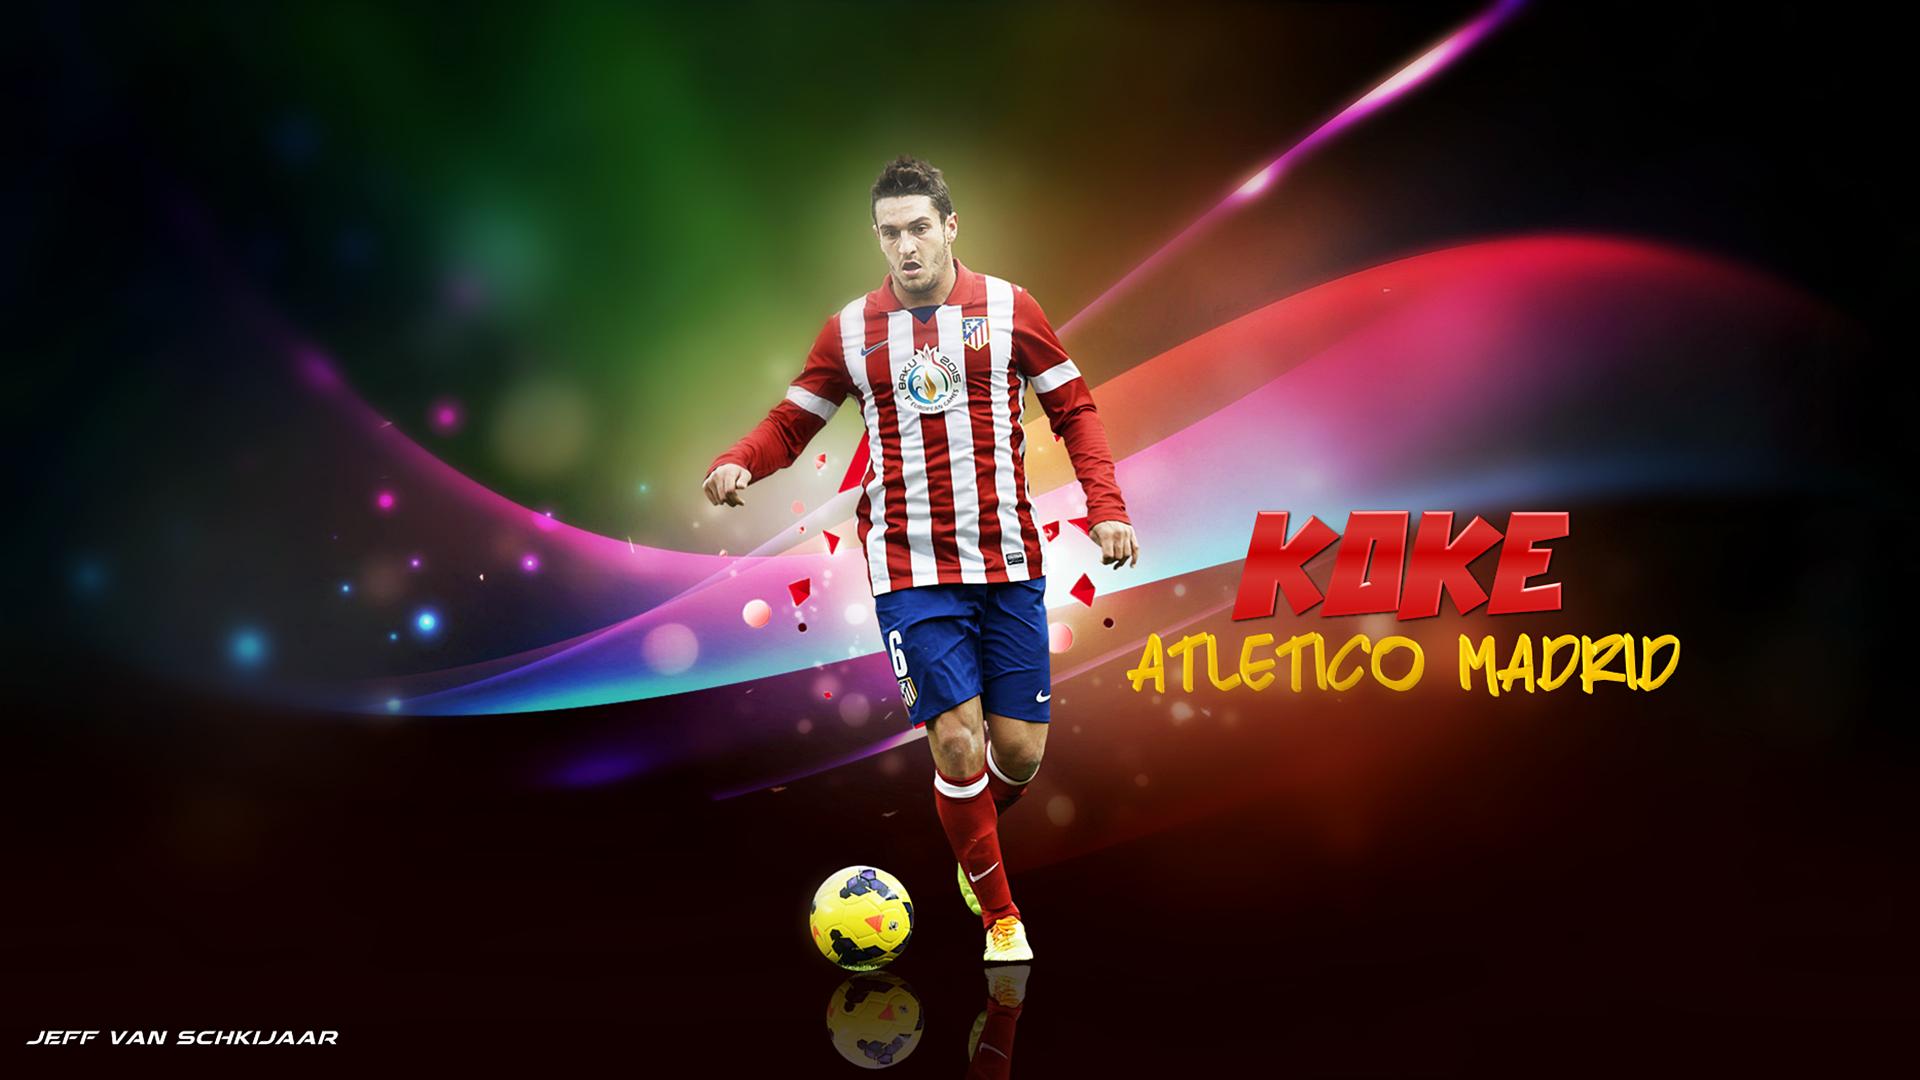 Koke Atletico Madrid Wallpaper 2014 by jeffery10 1920x1080